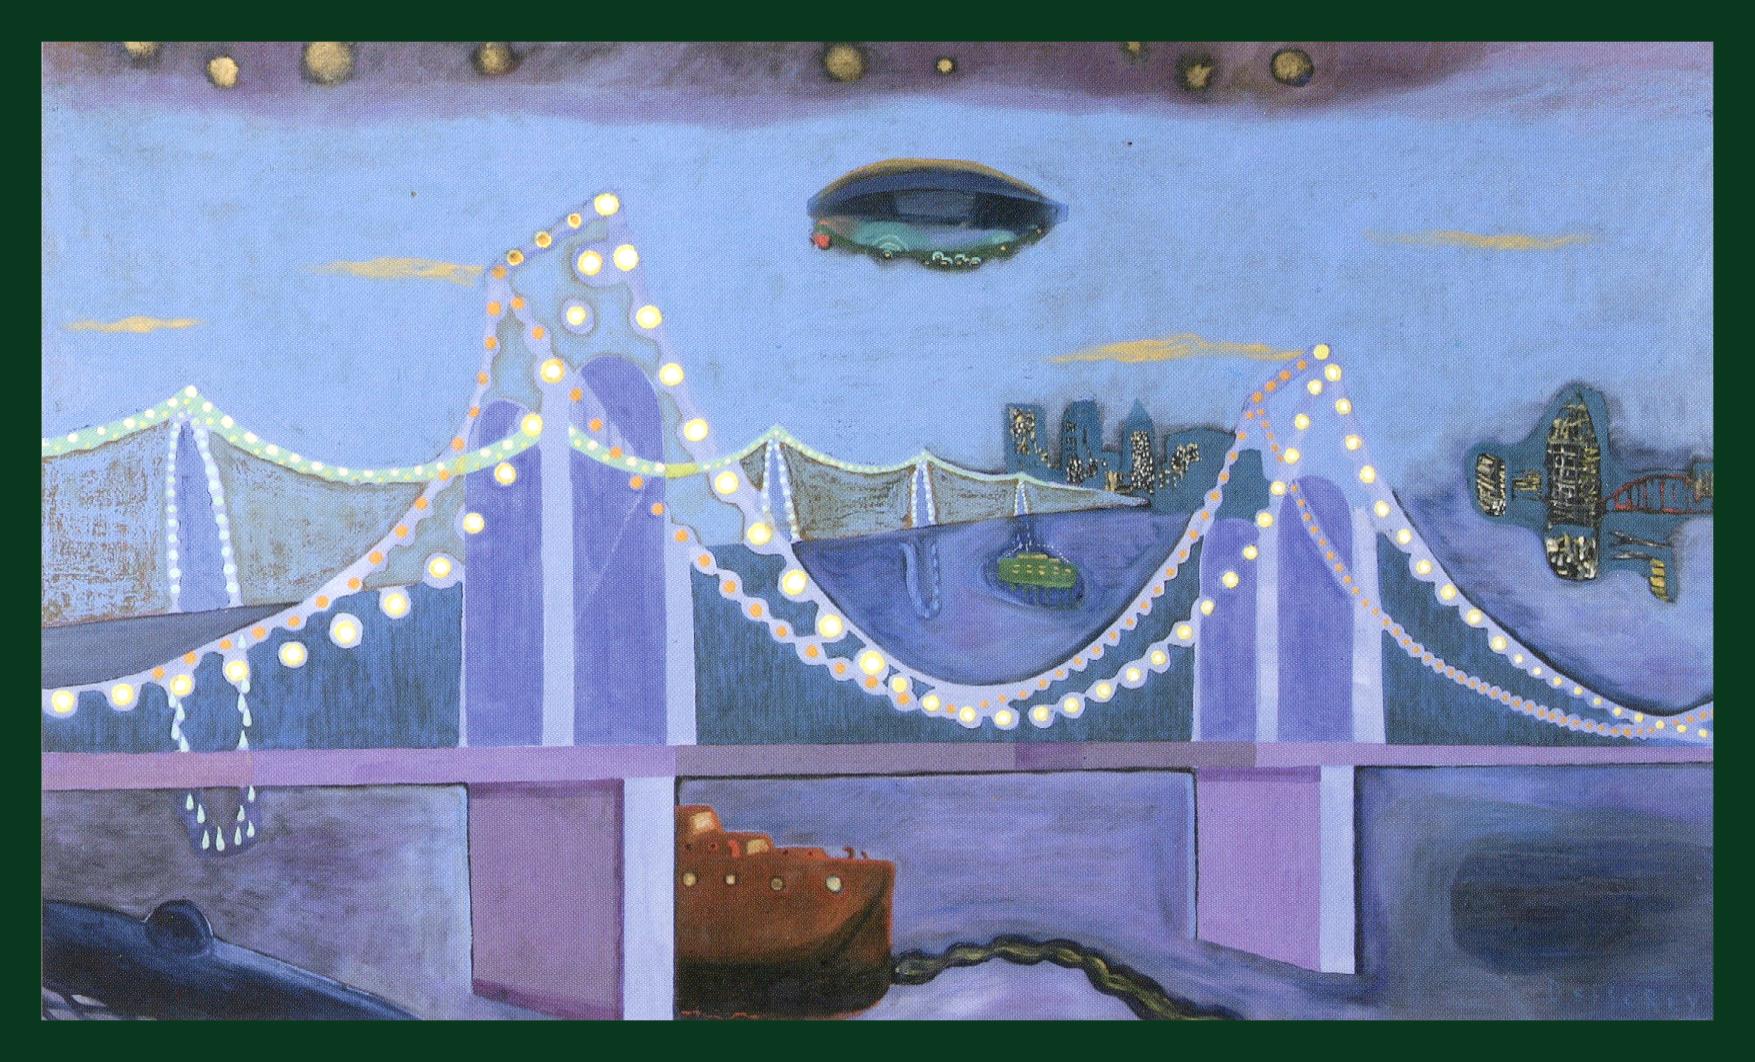 Night & Bridges